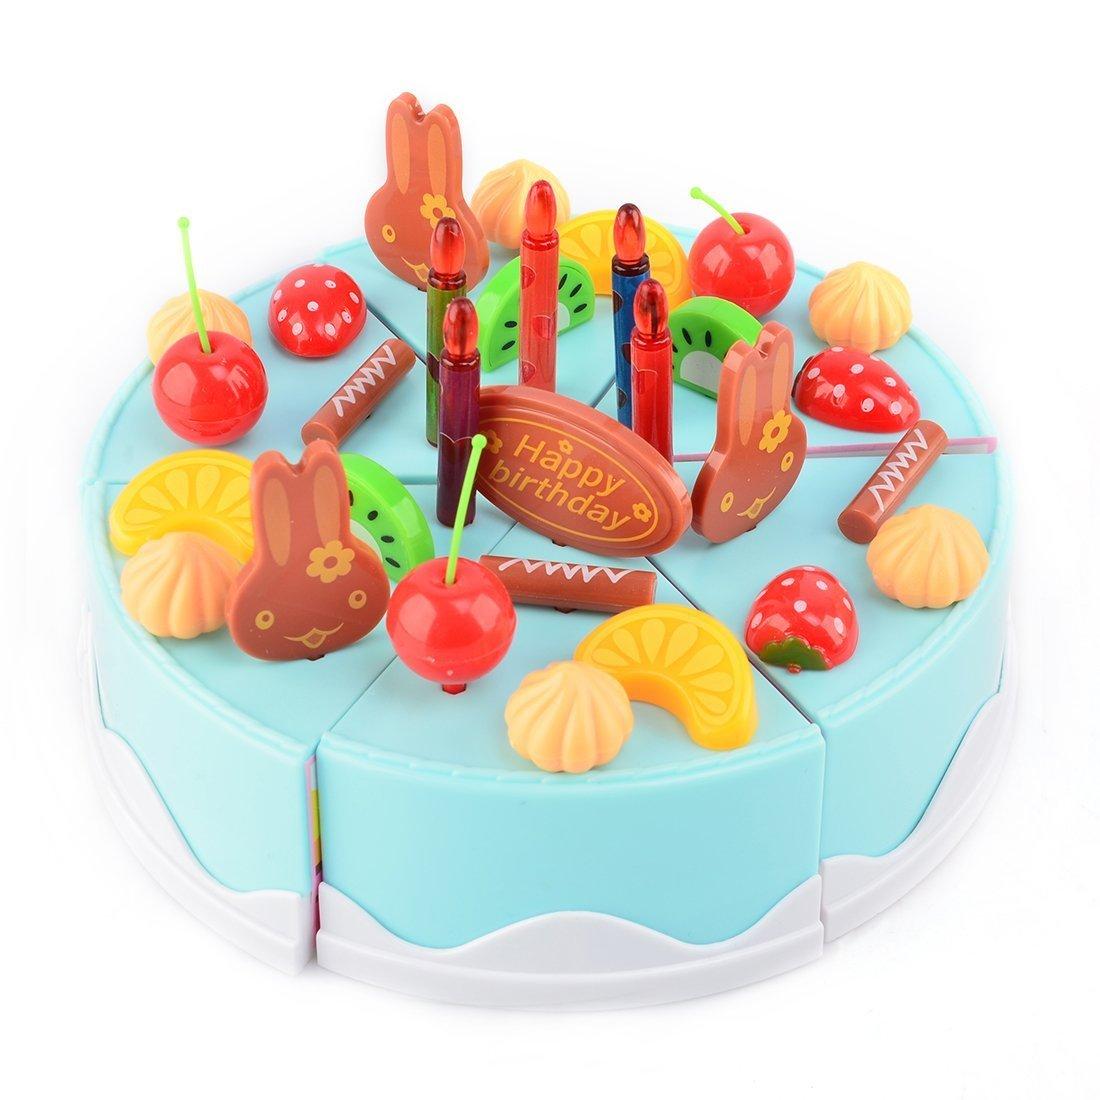 Amazon.com: Cottontail - Juego de juguetes para tartas de ...